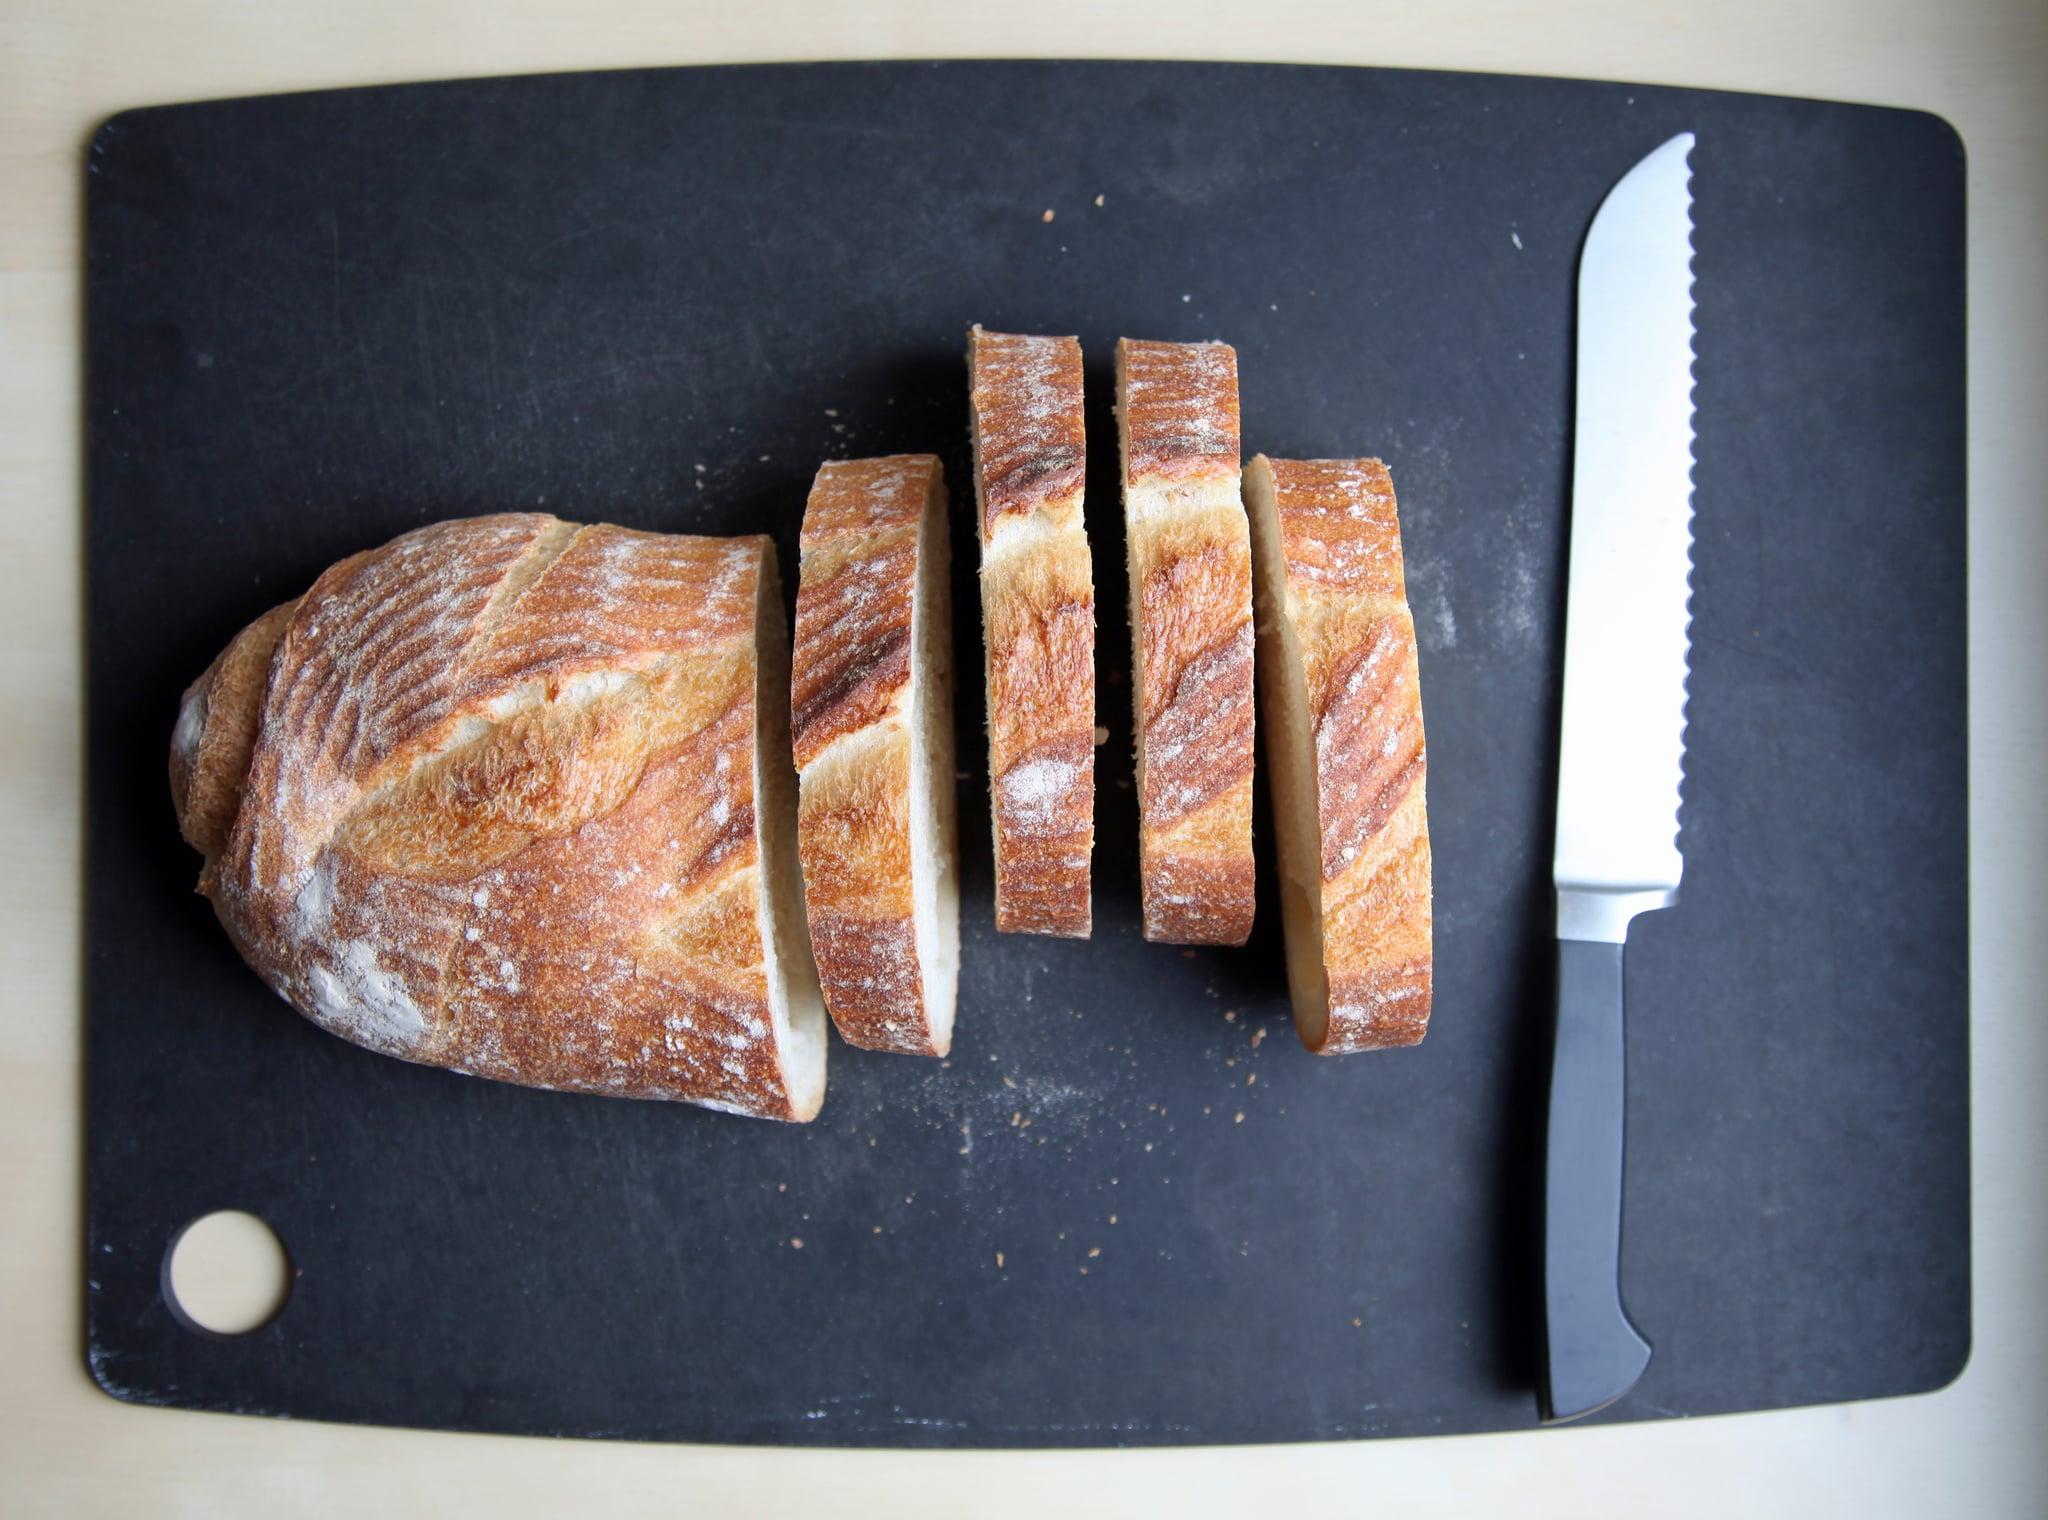 Slice the Bread